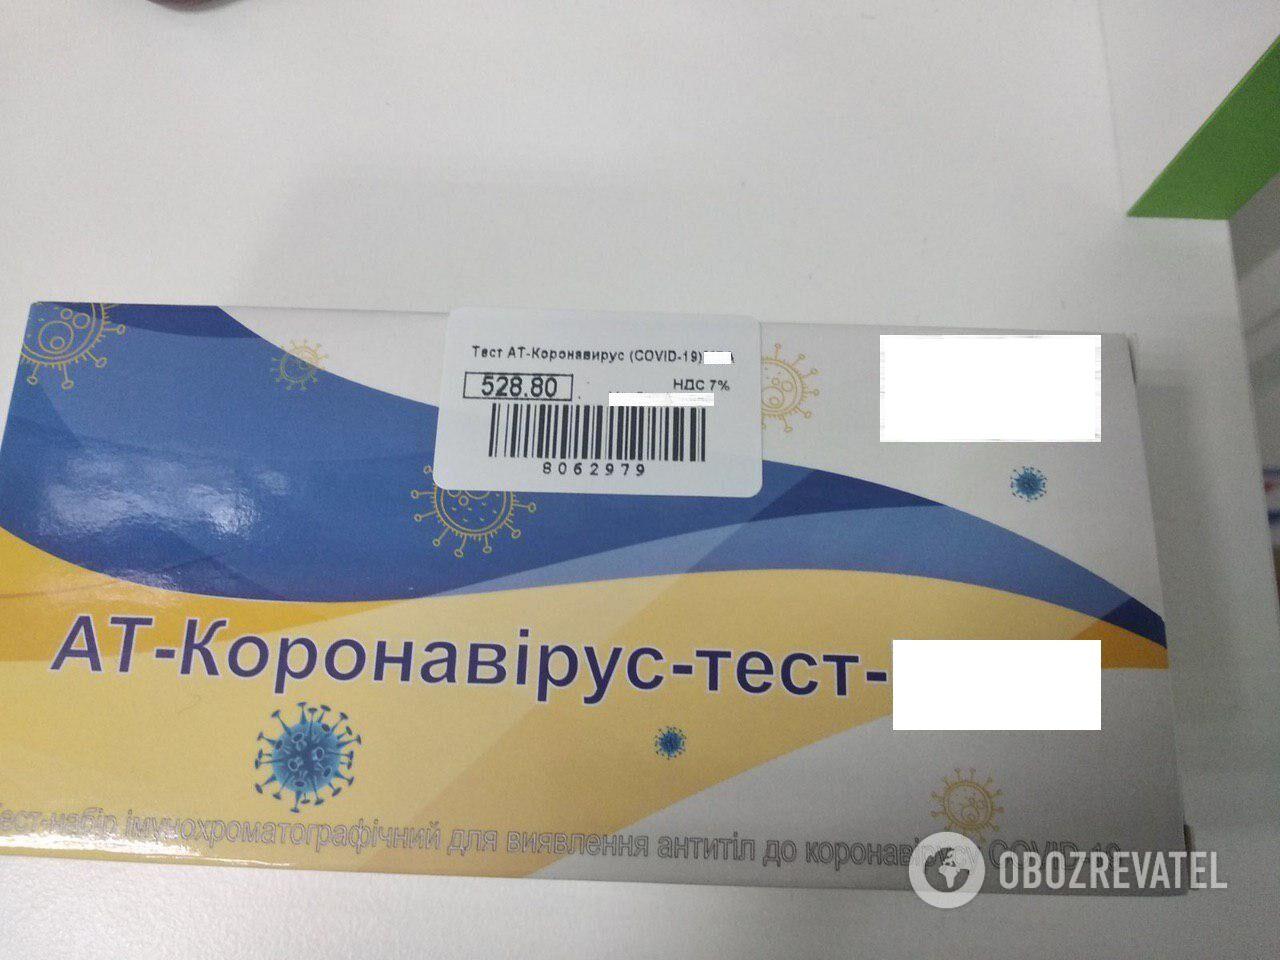 Купить экспресс-тест на коронавирус в украинских аптеках можно всего за 500-600 грн